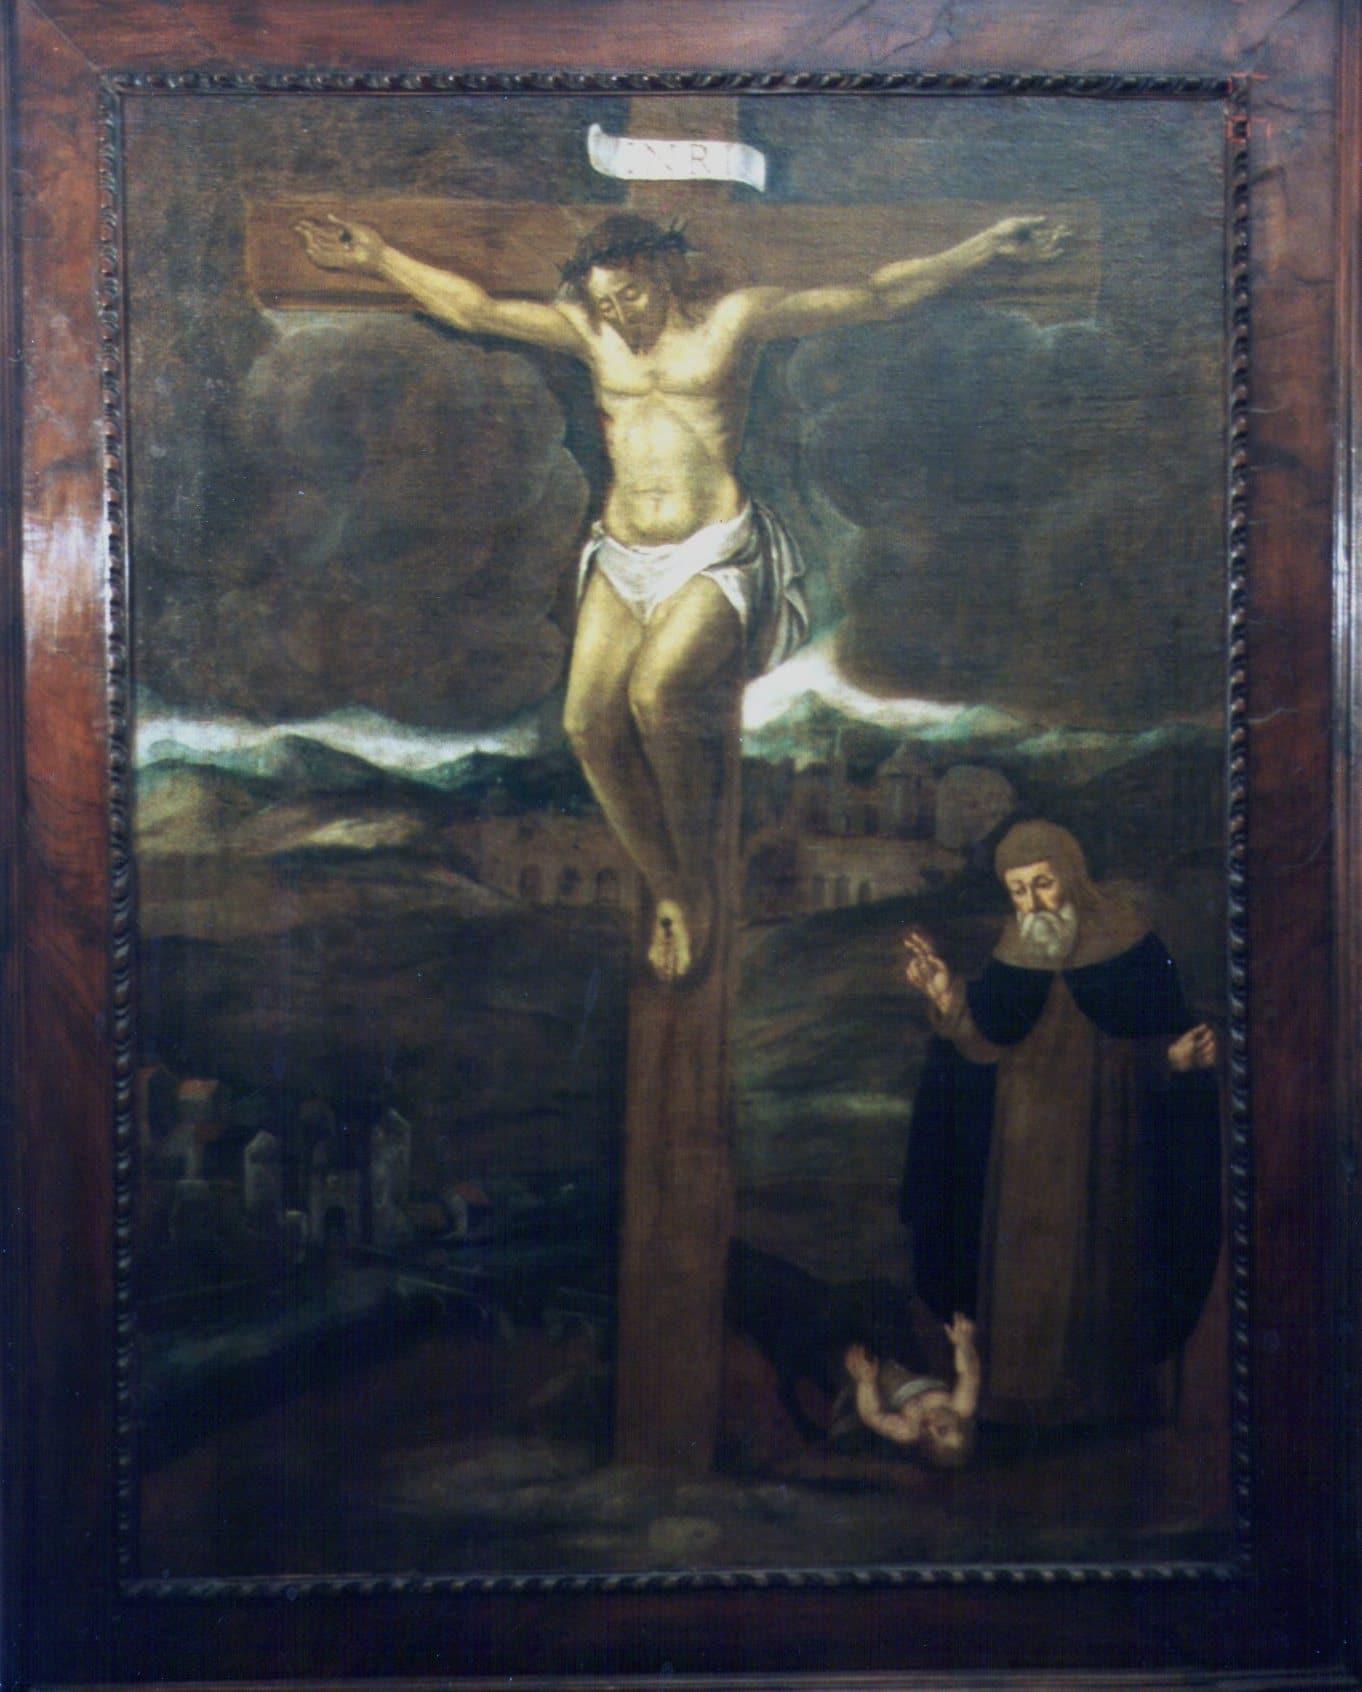 Nel mese di Dicembre del 2012 sono iniziati i festeggiamenti per la ricorrenza dei 170 anni di insediamento nel Convento di Sant'Antonio delle Suore Gianelline di Nostra Signora Dell'Orto che…